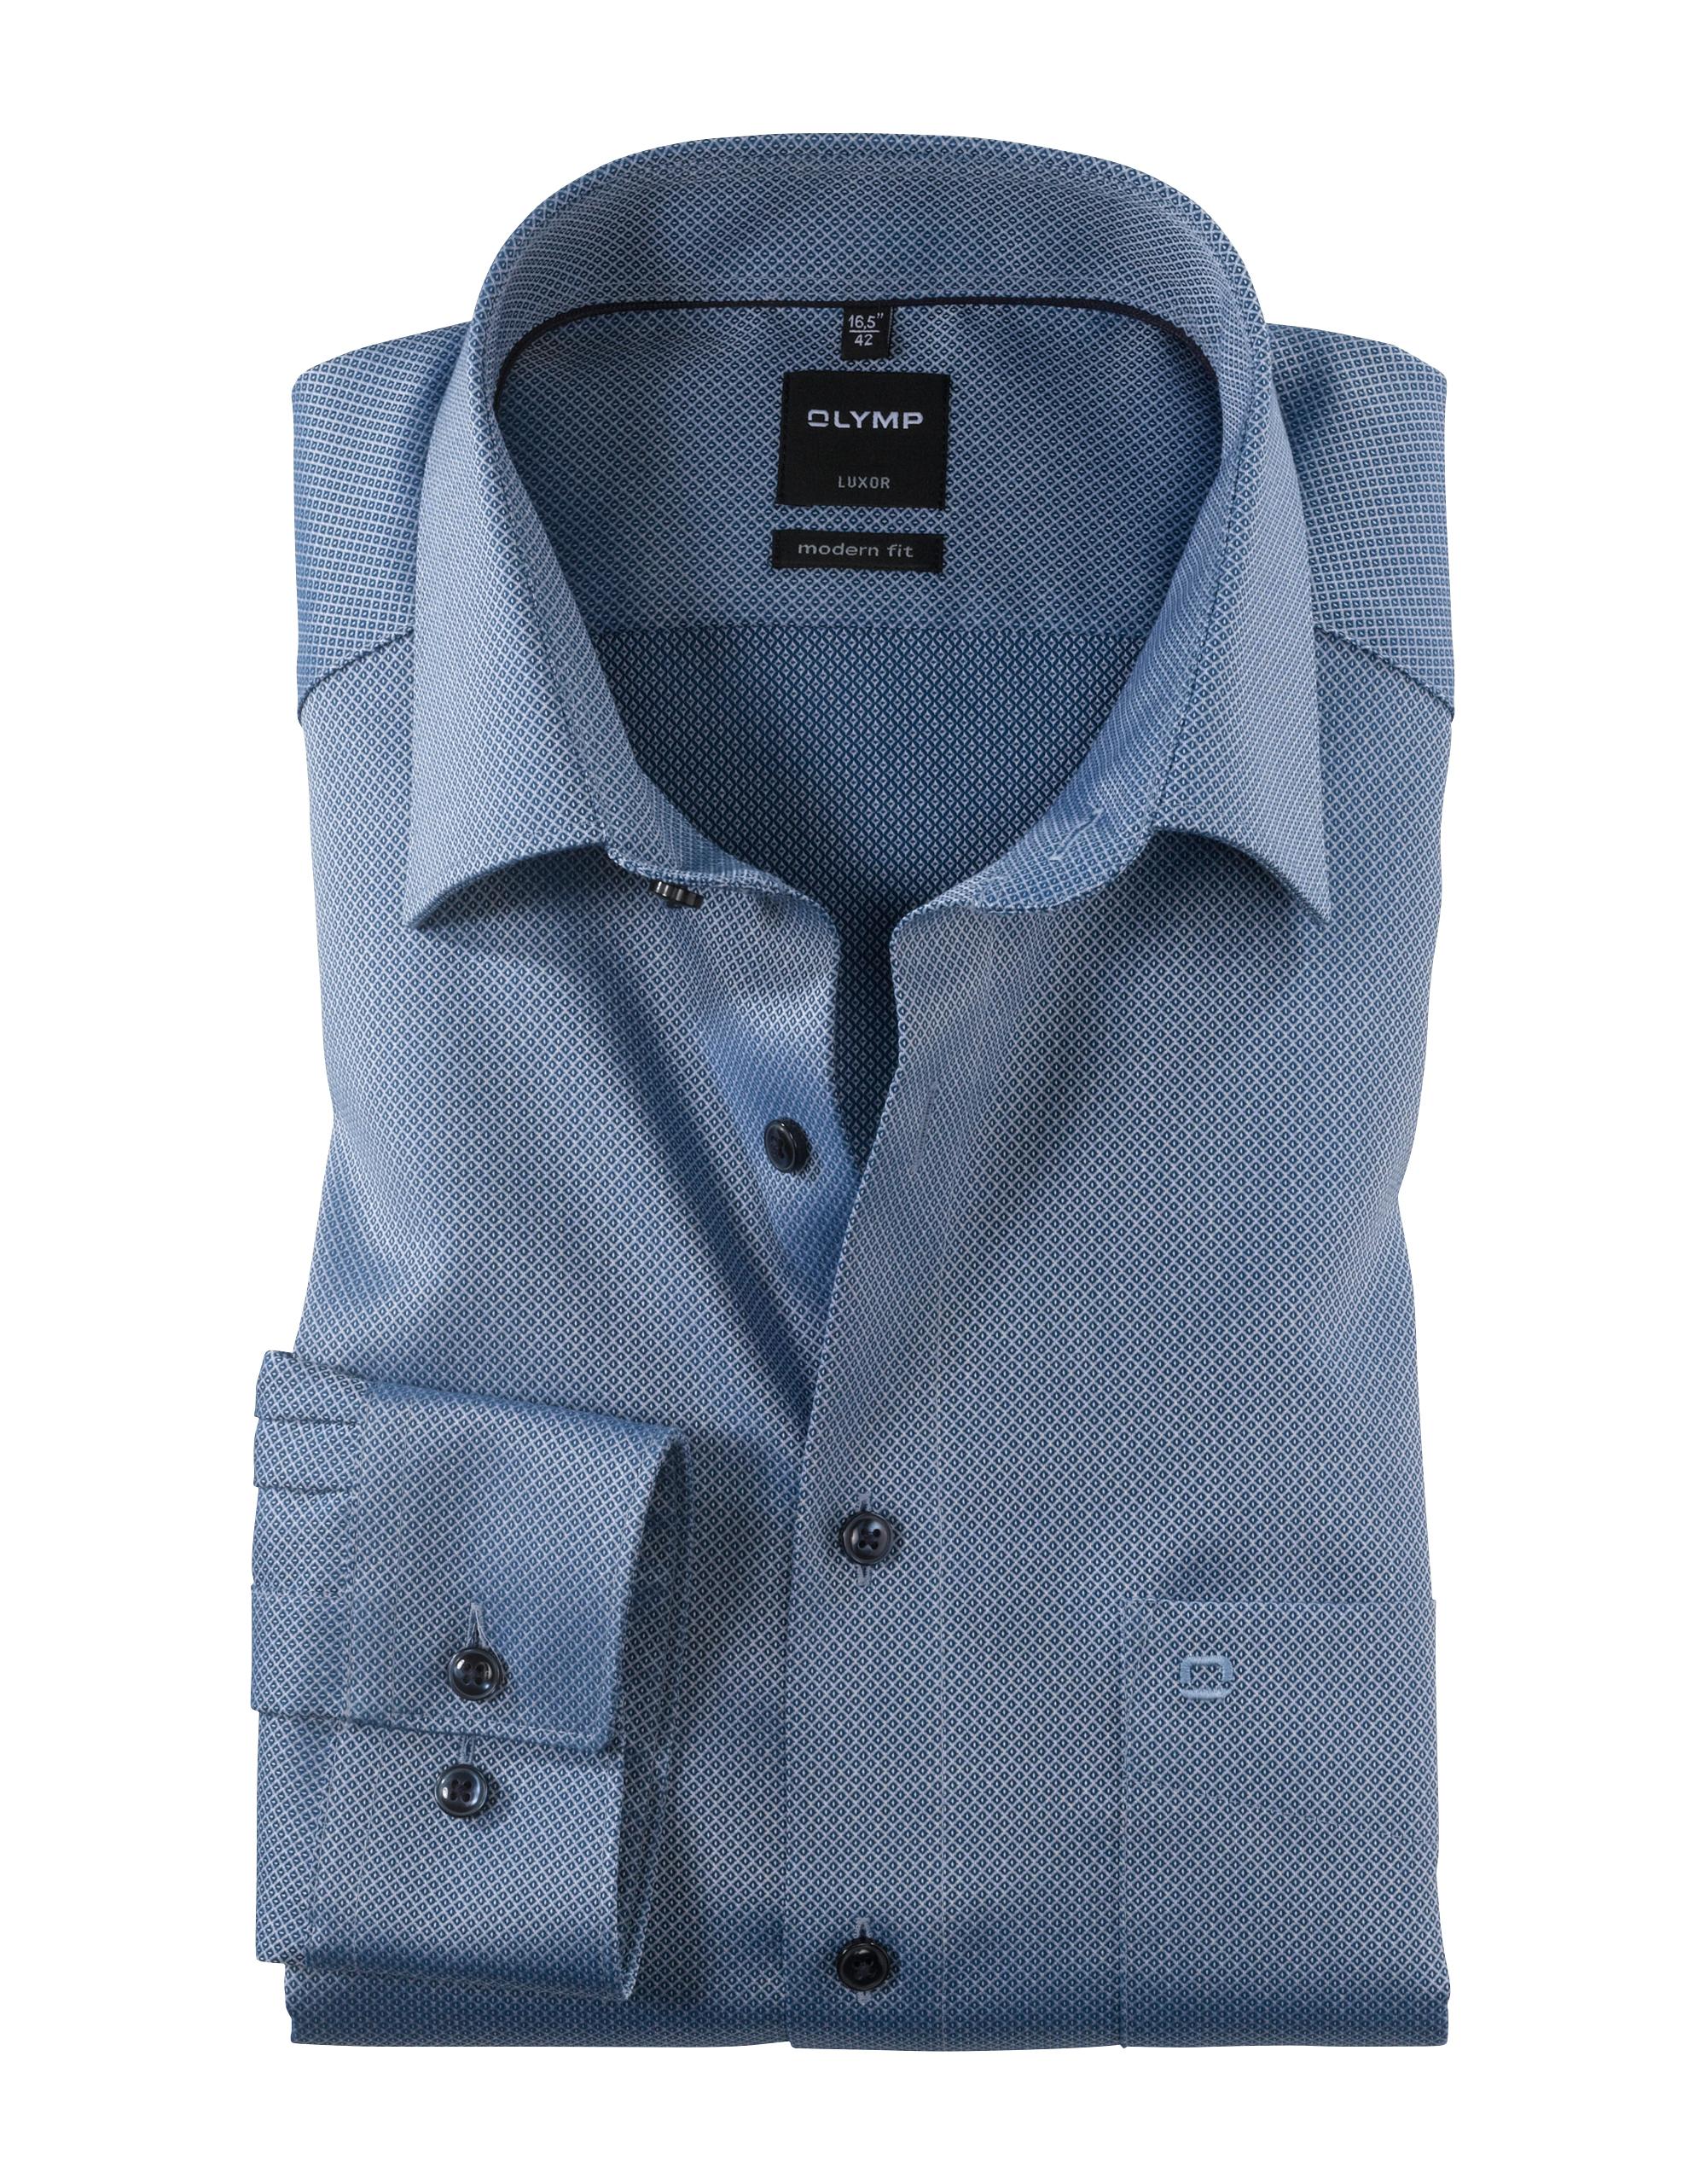 OLYMP Luxor Hemd, modern fit, New Kent, Marine, 42 | Bekleidung > Hemden > Sonstige Hemden | OLYMP